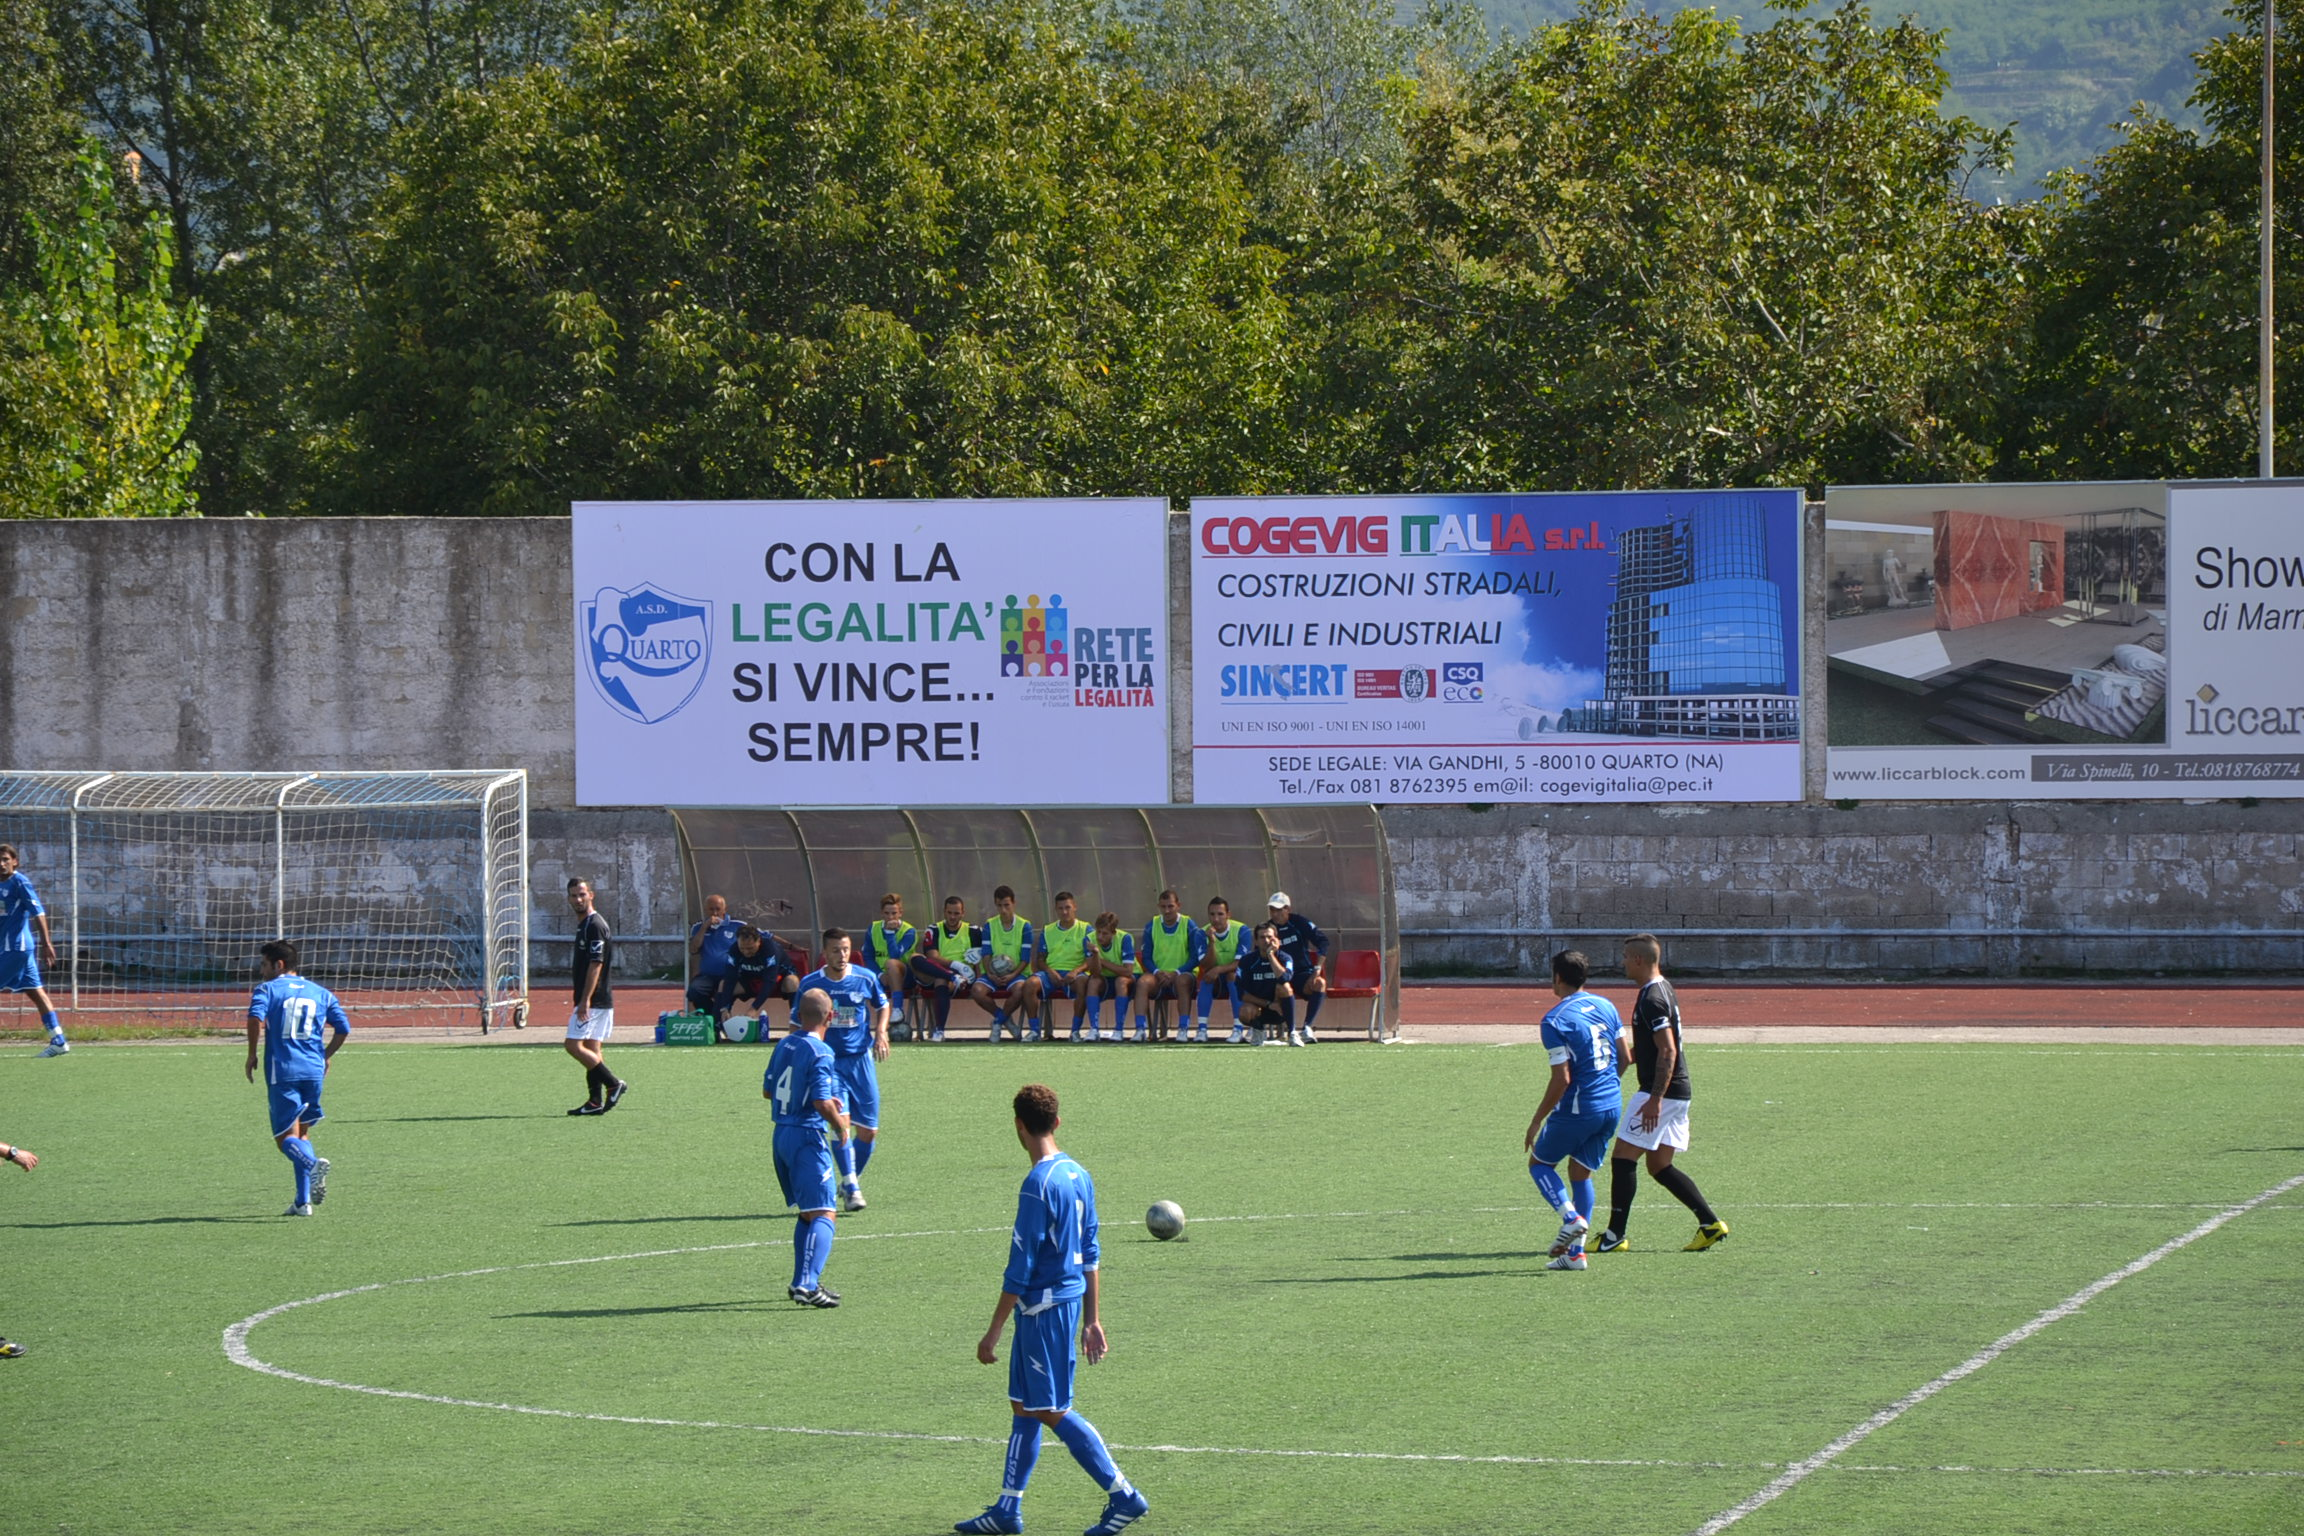 Quarto, raid vandalico nella sede della squadra di calcio anti-camorra